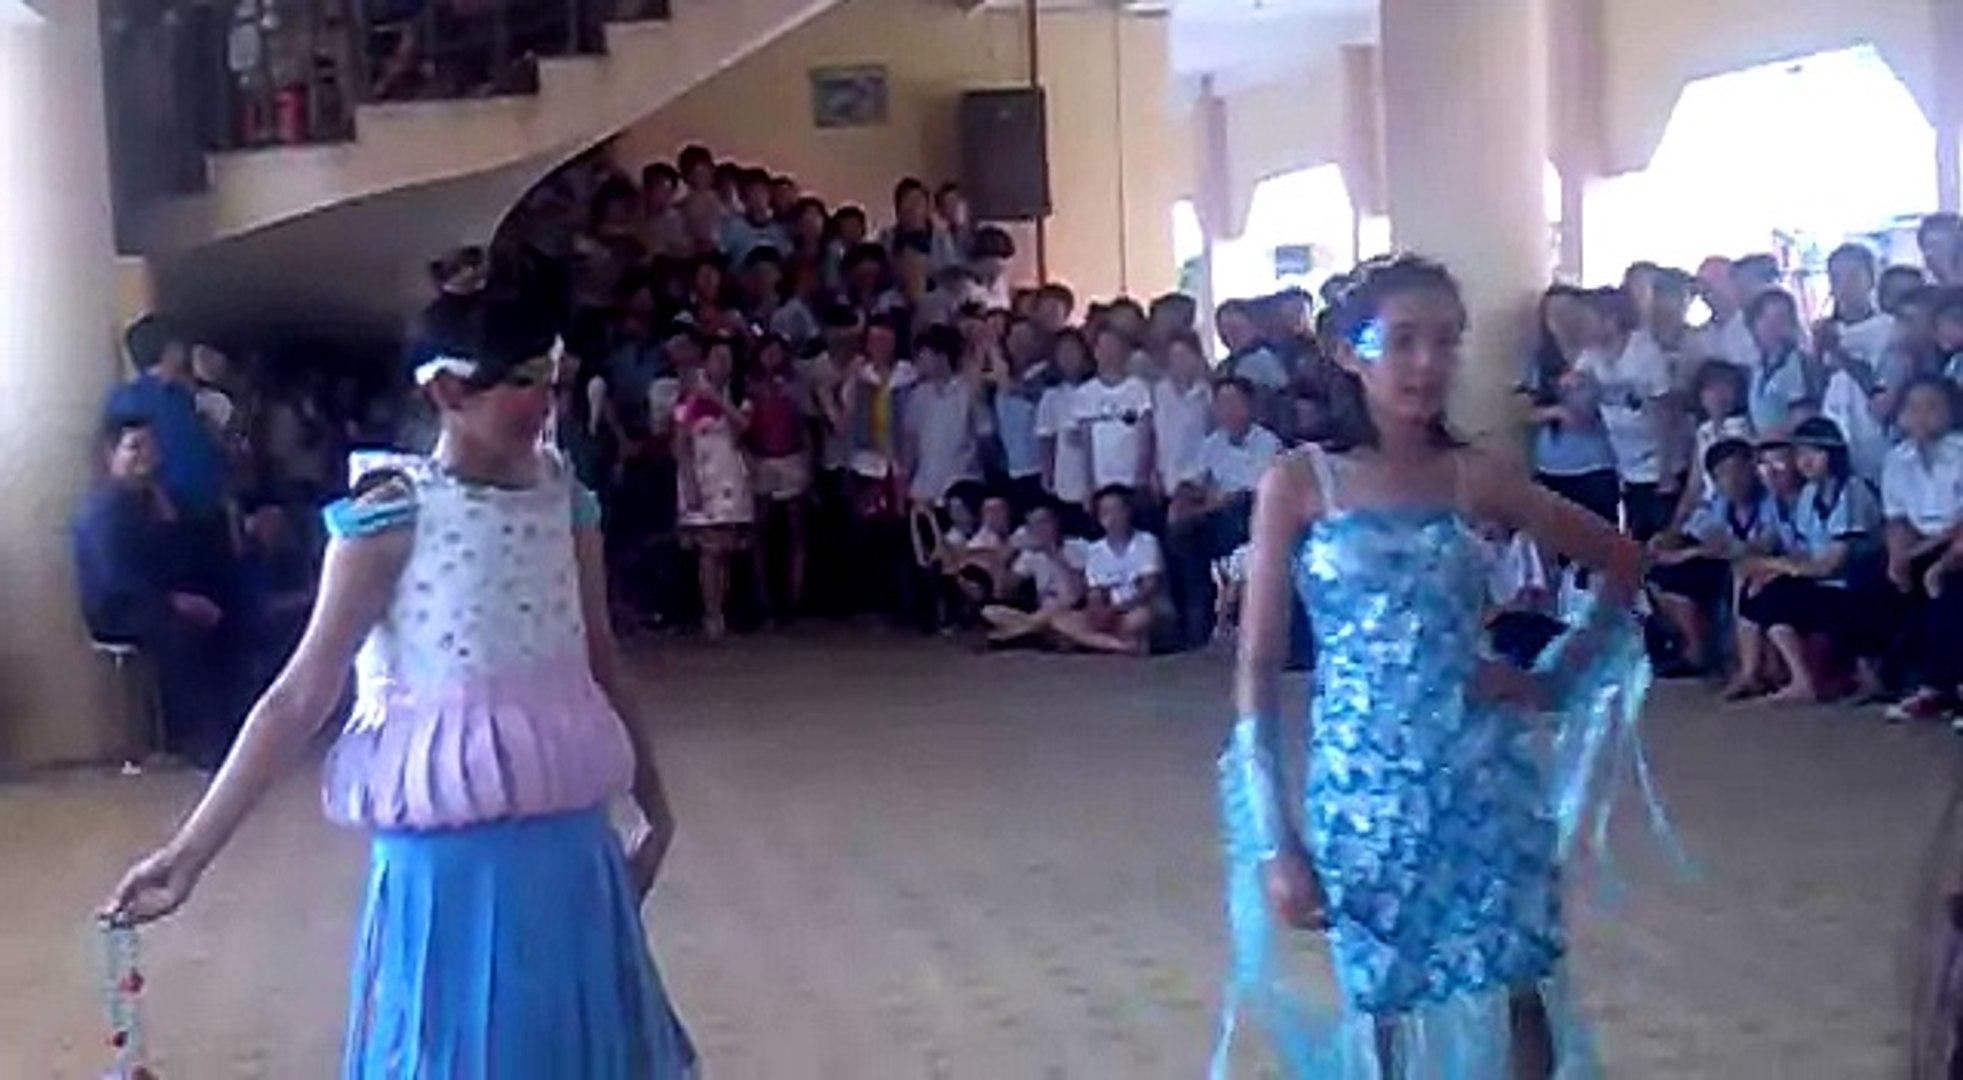 Trường THCS Phan Bội Châu - Biểu diễn thời trang - Lớp 9a2